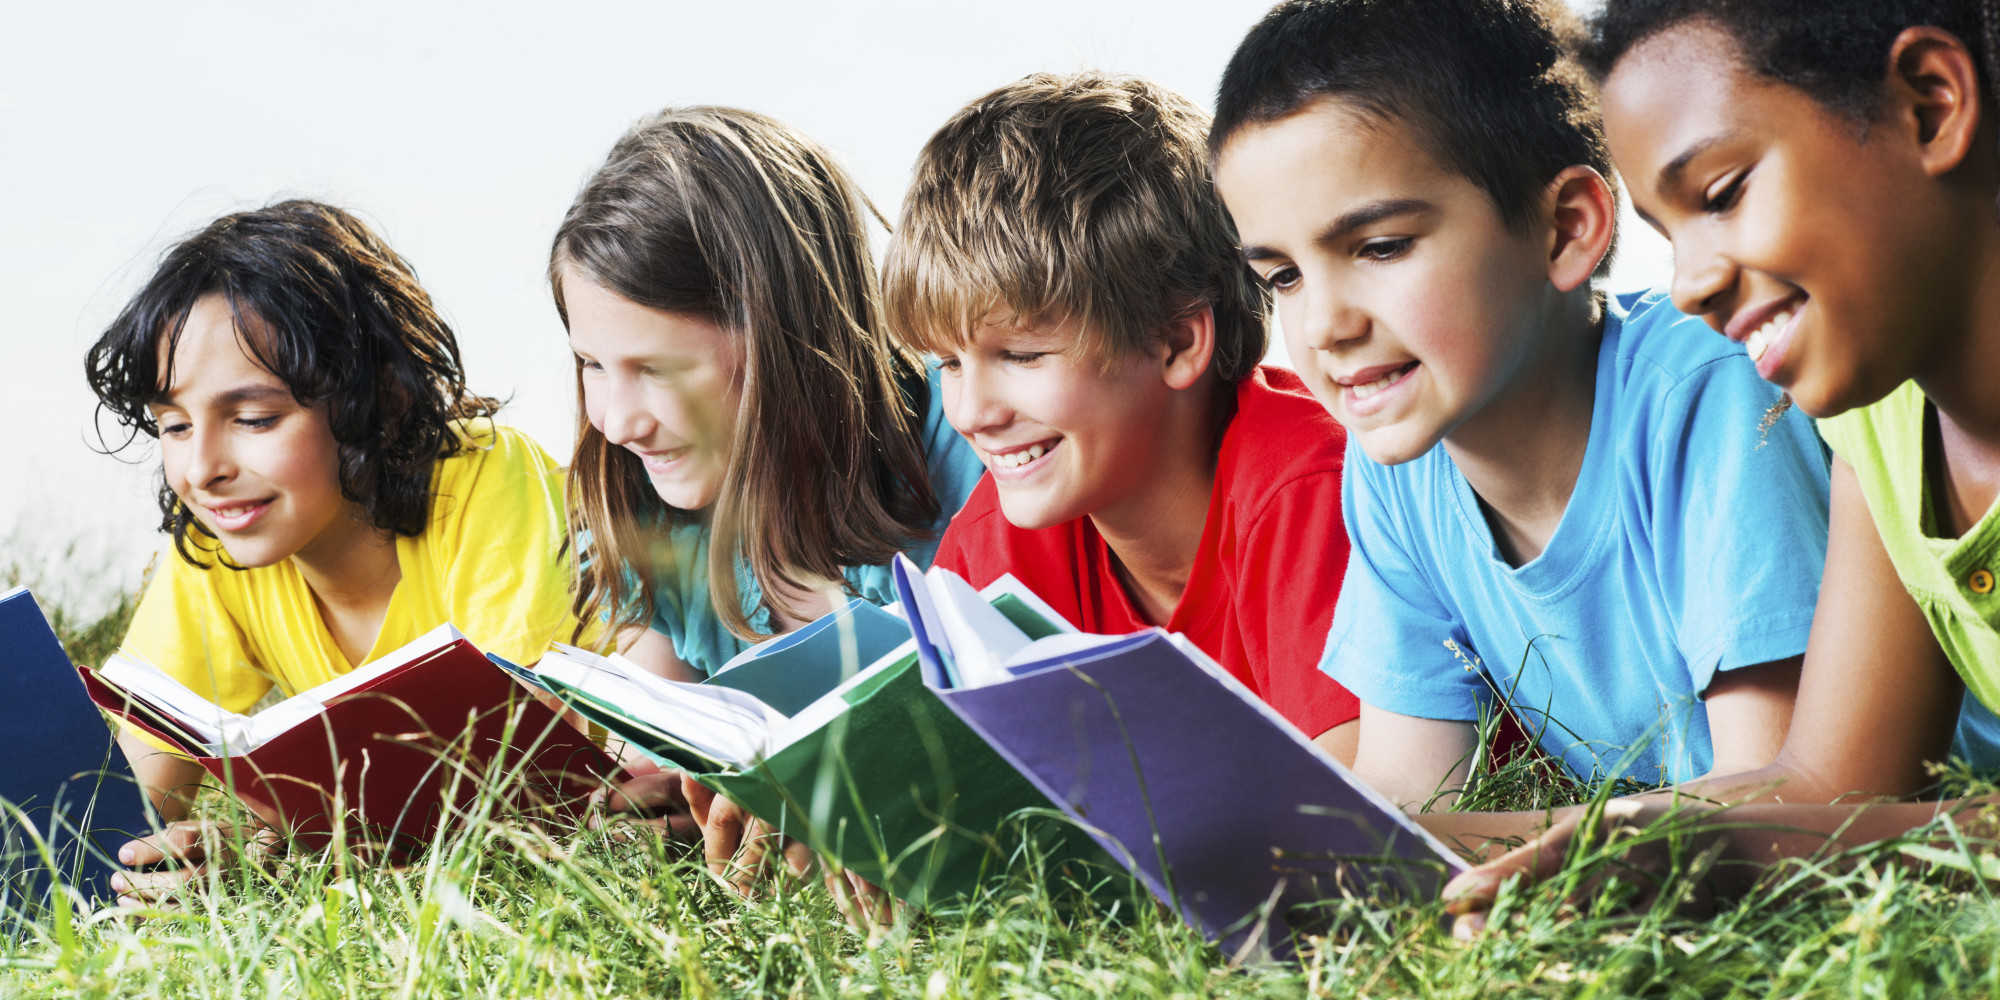 Không khó để tìm kiếm các cuốn sách học tiếng Anh cho trẻ ở độ tuổi mẫu giáo